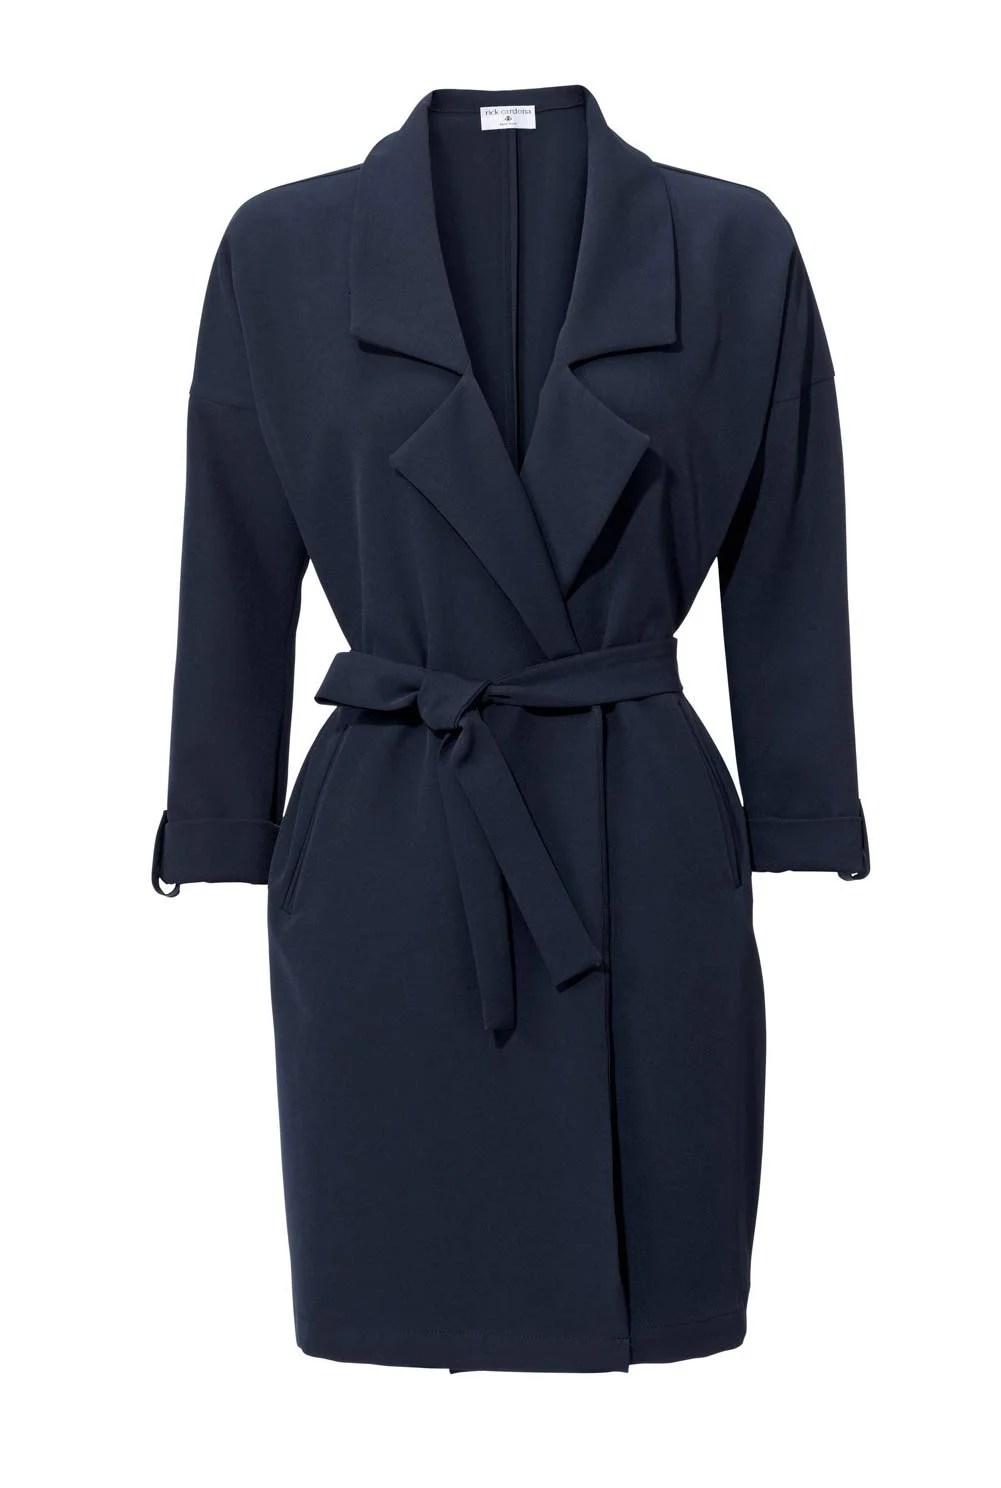 004.675 Rick Cardona Damen-Blazermantel Blau Marine Gürtel Verschlusslos Taschen